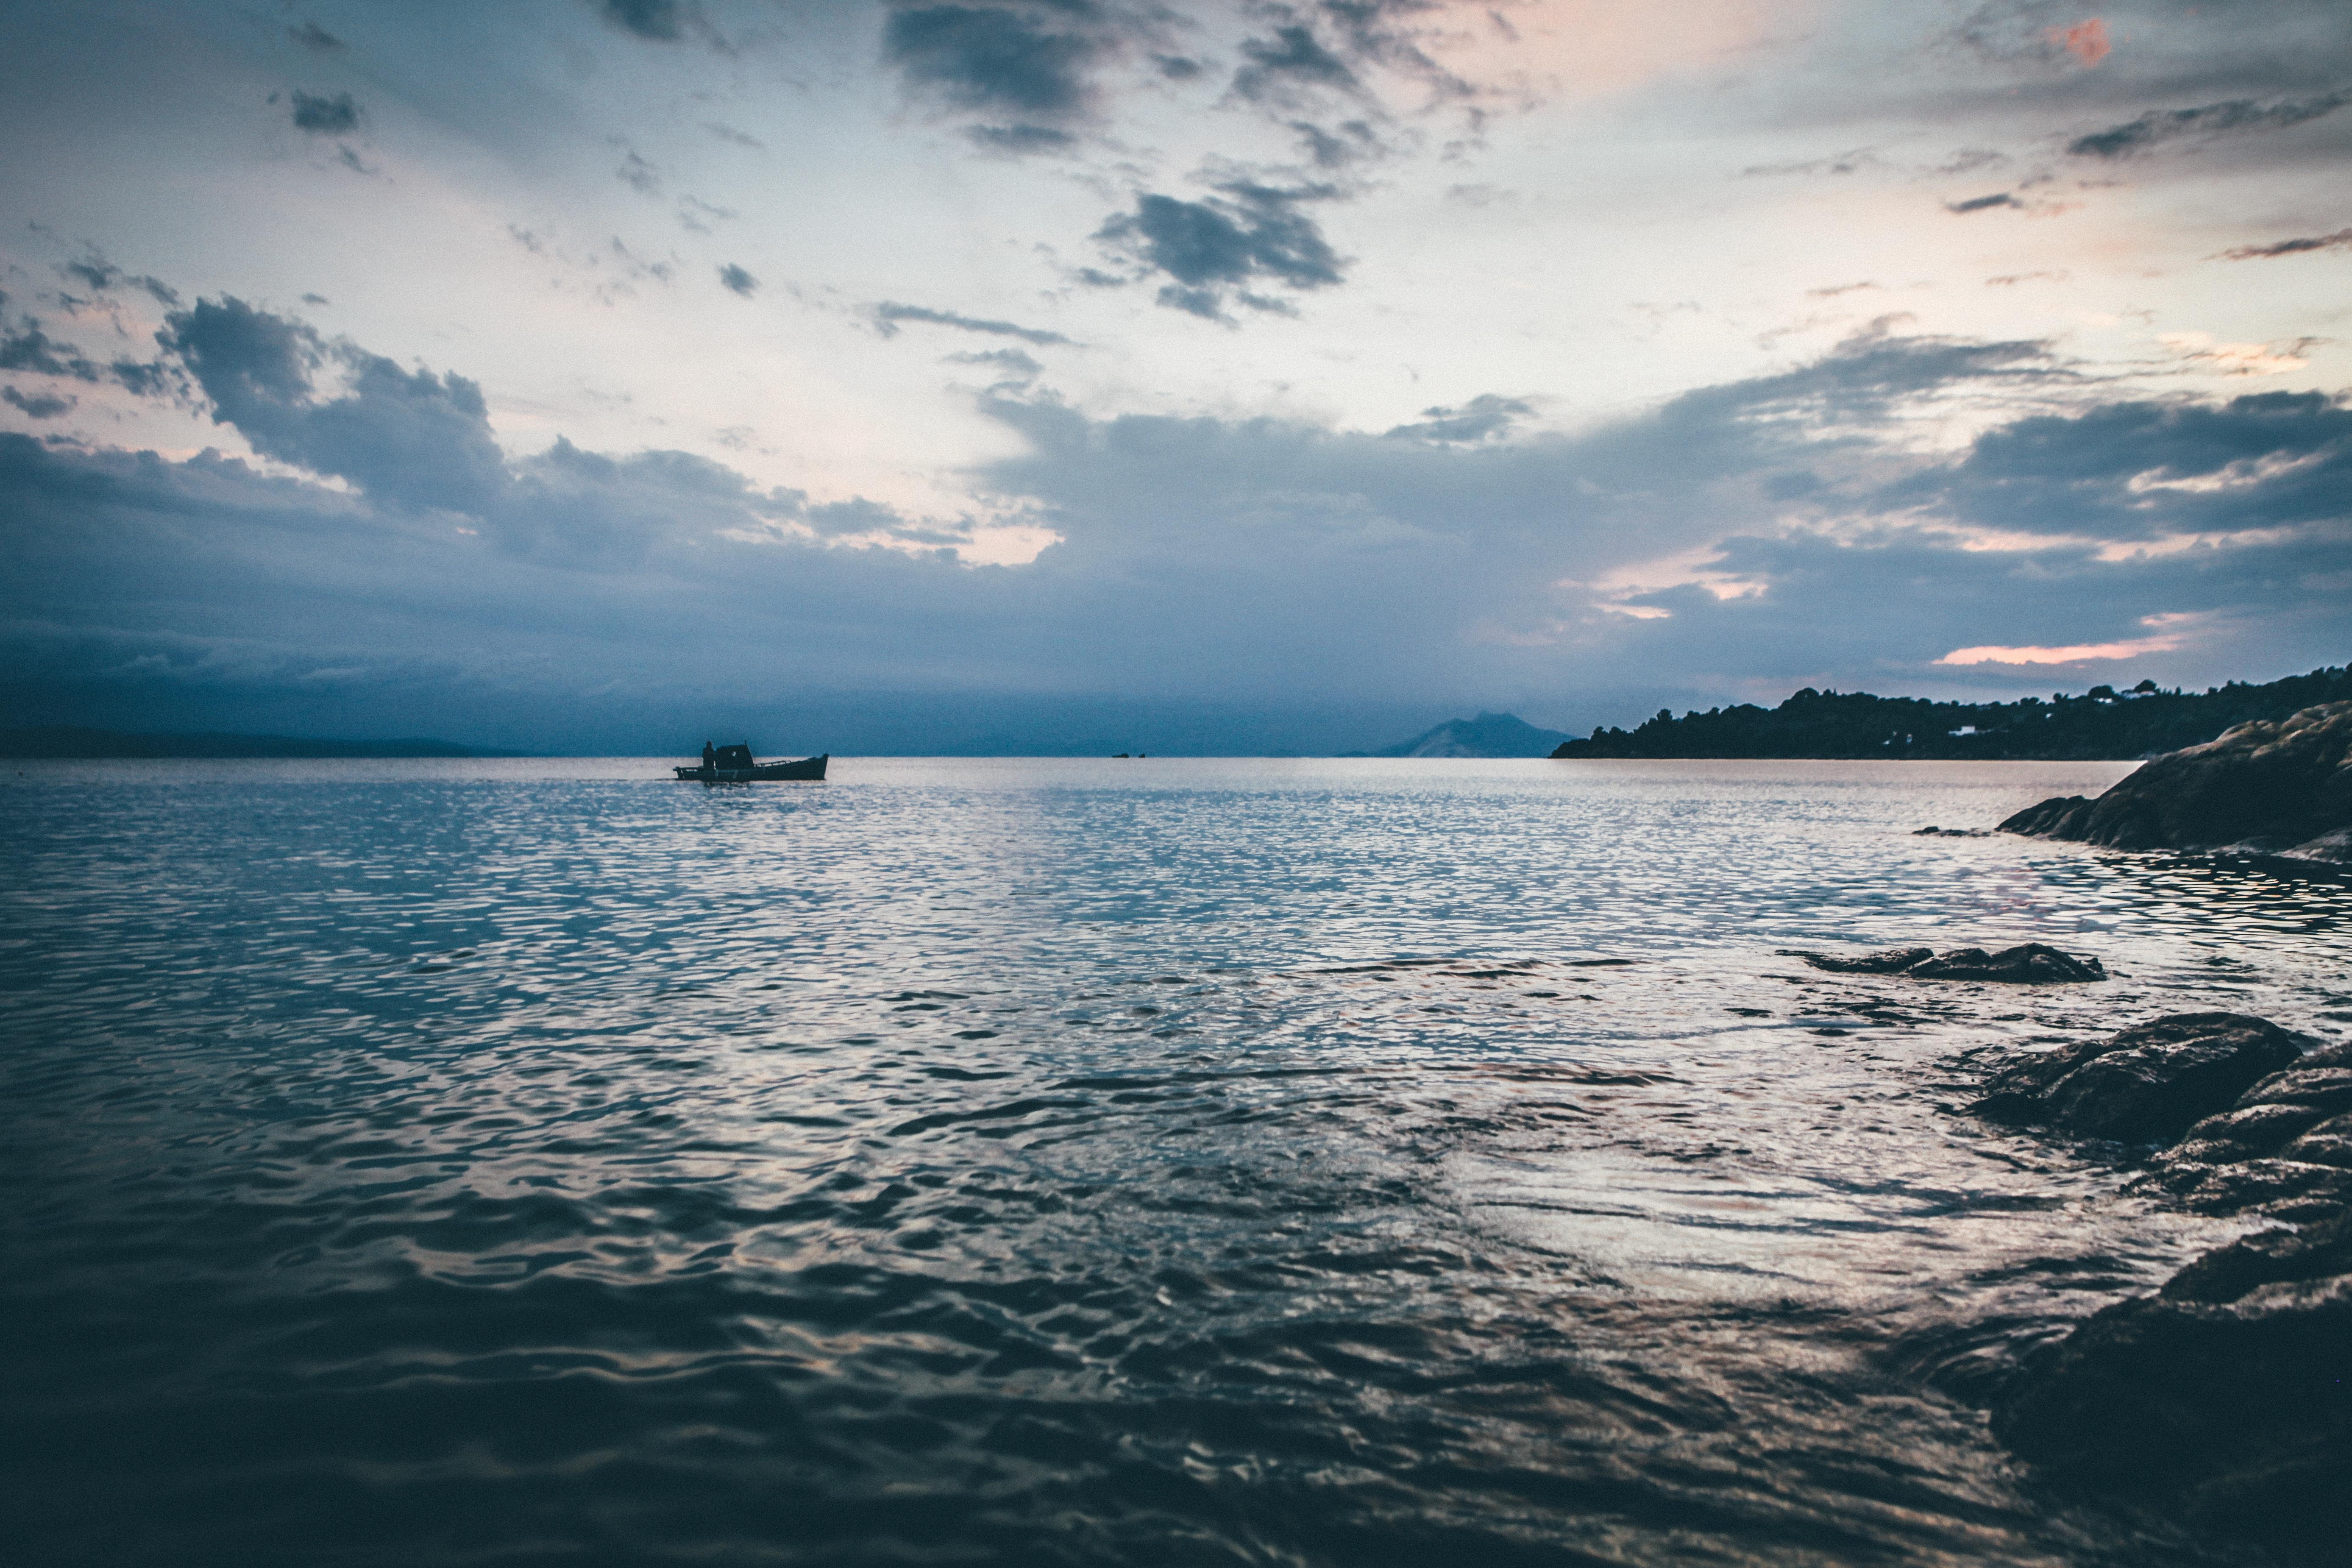 Evening, Beach, Flow, Landscape, Nature, HQ Photo